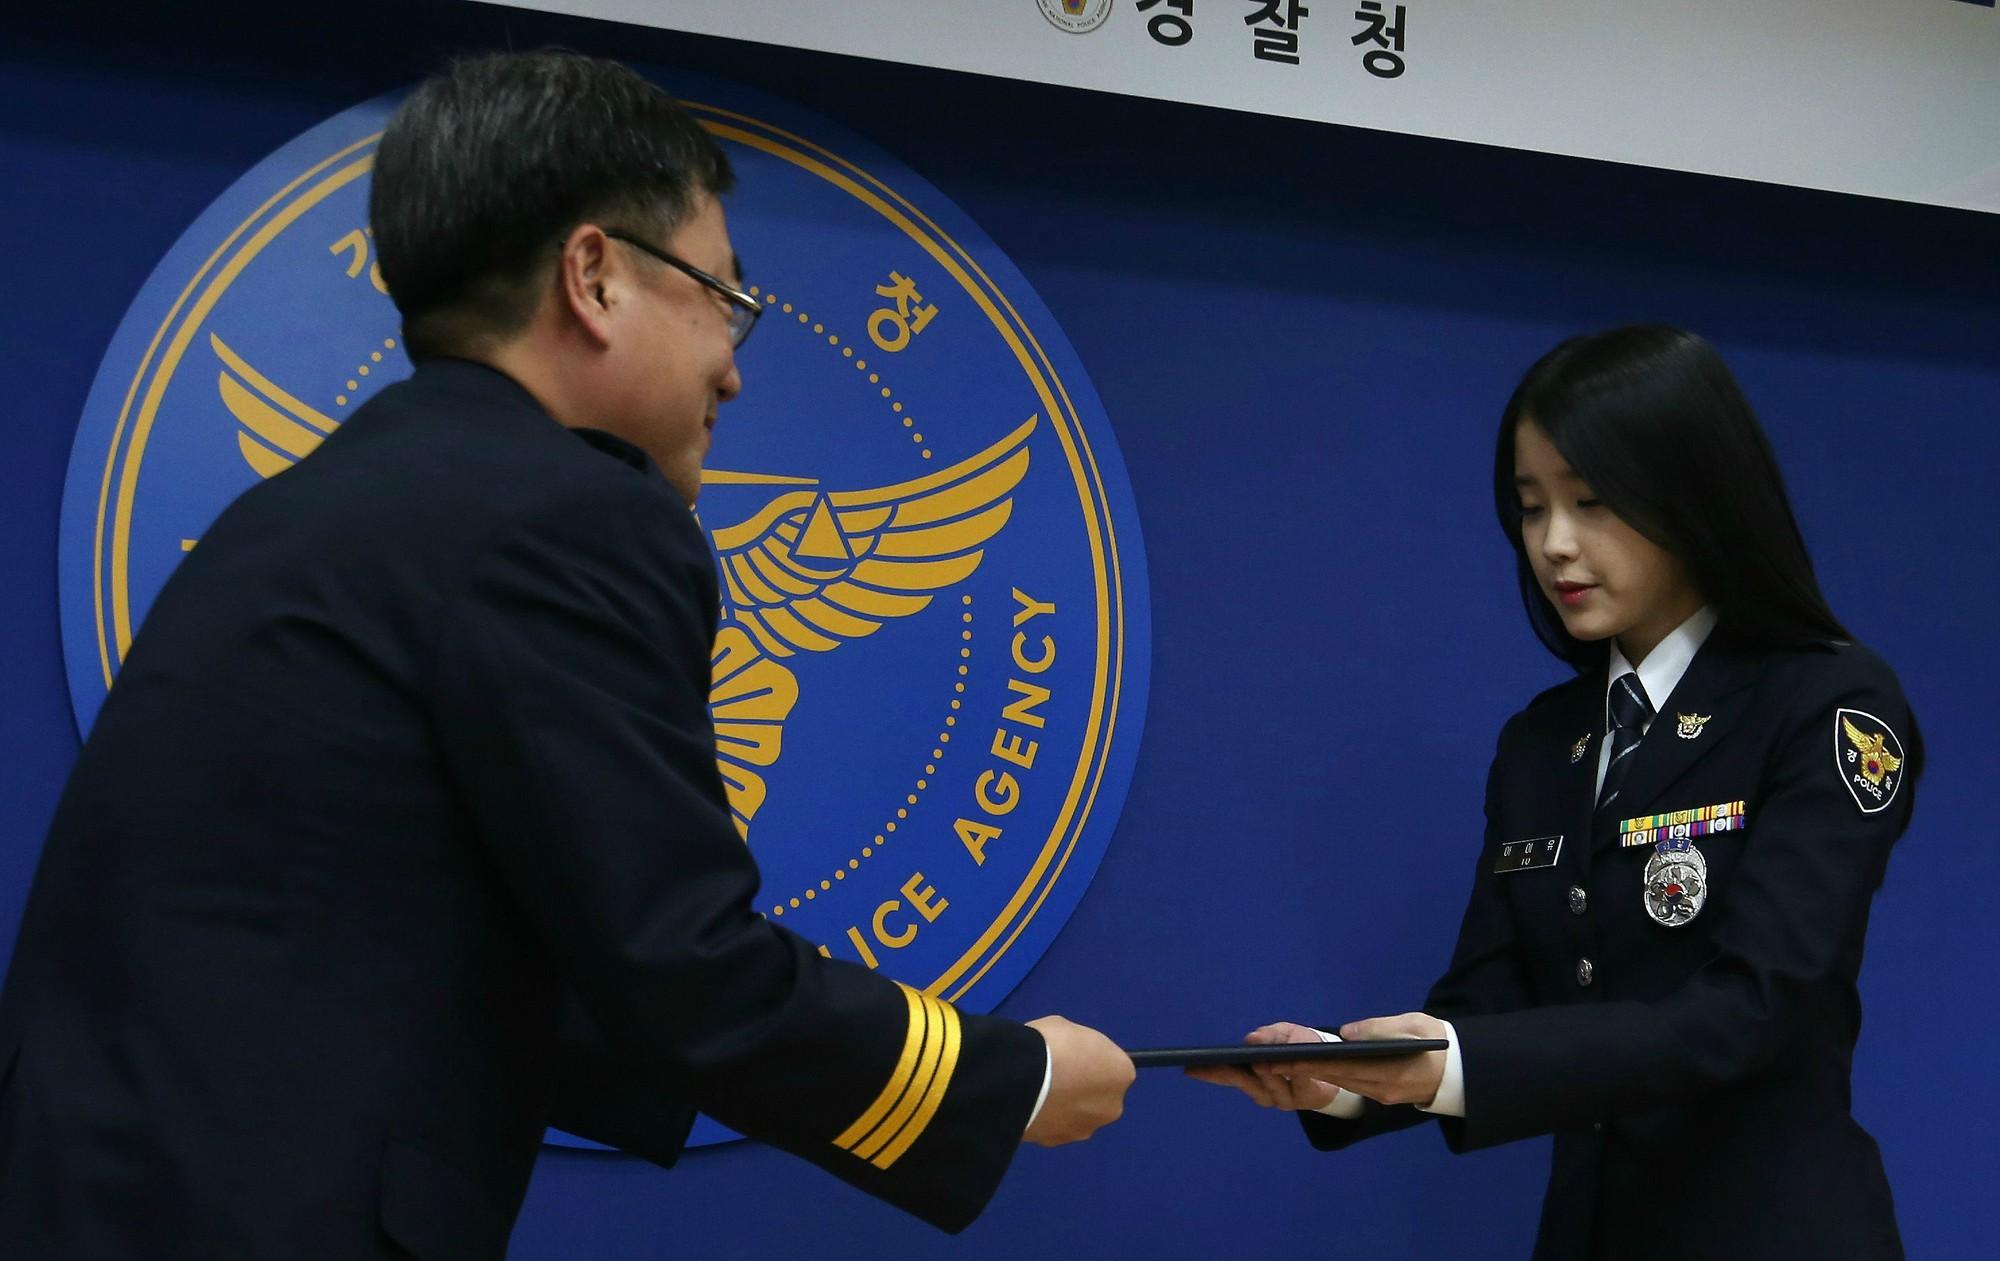 Một sự thật ít ai biết: Em gái quốc dân IU thật ra từng là sĩ quan cảnh sát cấp cao - Ảnh 6.